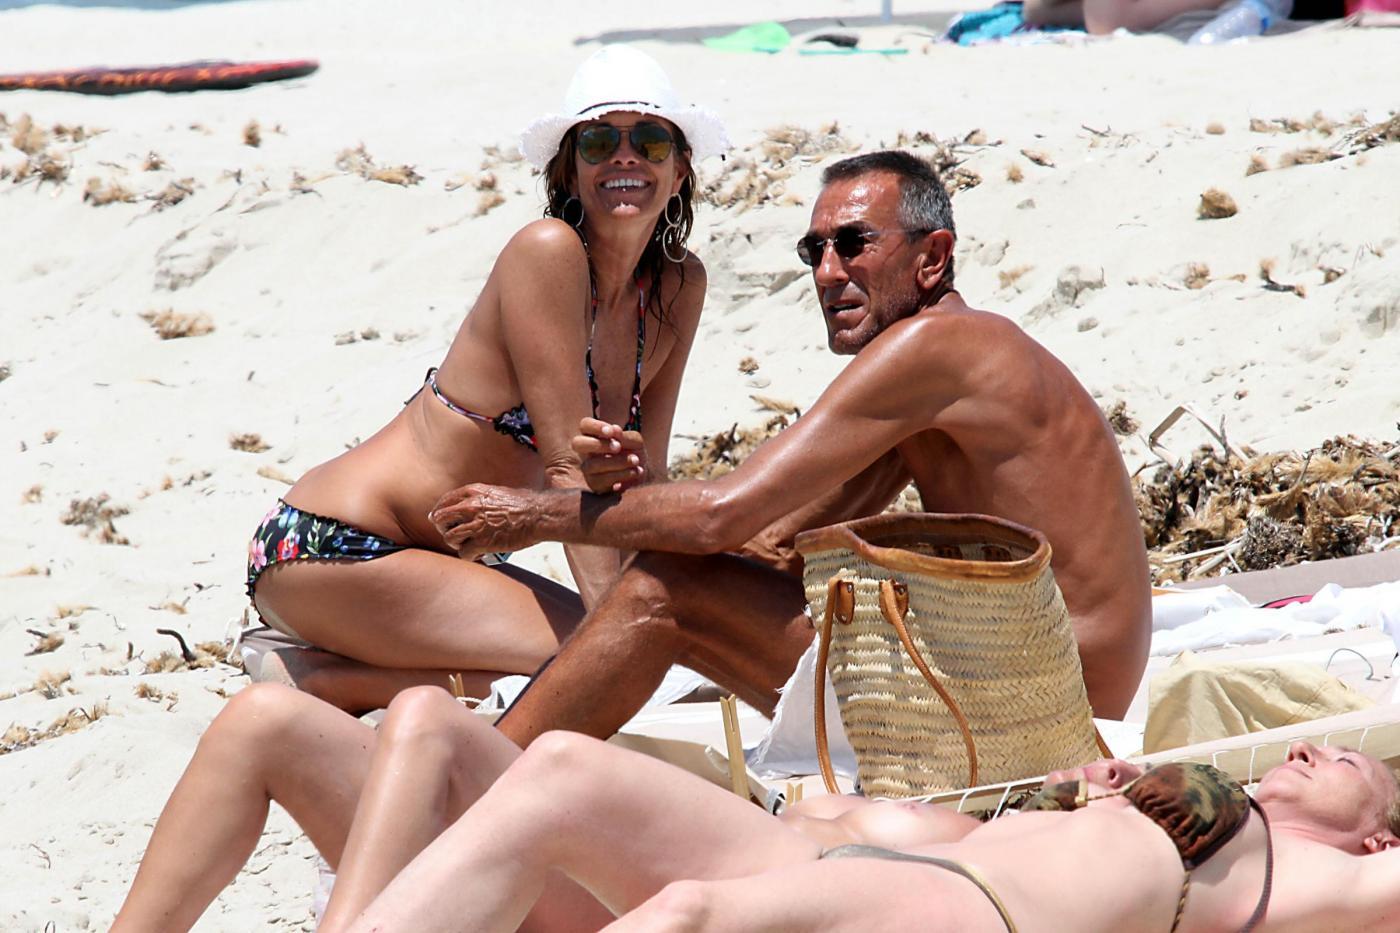 Cristina Parodi, tintarella a Formentera con amiche: topless perfetto a 50 anni 13